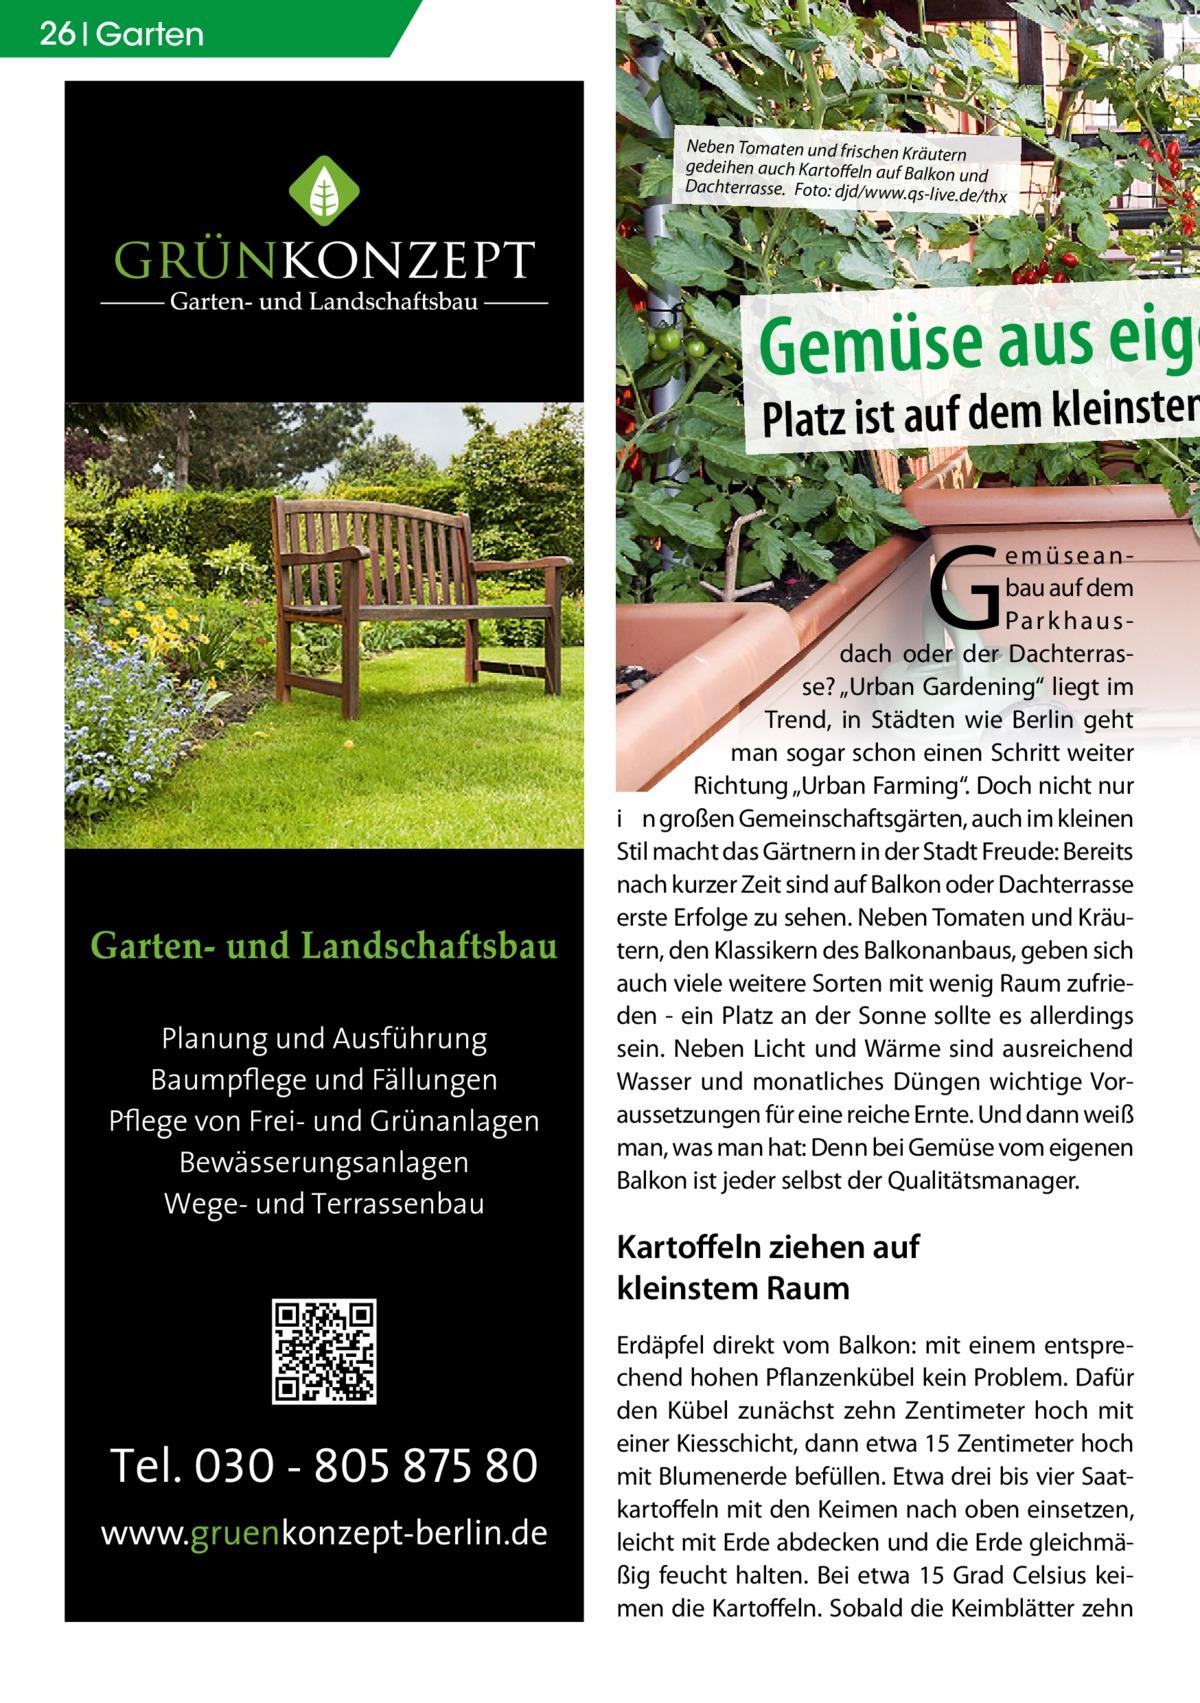 """26 Garten  Neben Tomaten und frischen Kräutern gedeihen auch Kartoffeln auf Balkon und Dachterrasse. Foto: djd/www.qs-live.d e/thx  Gemüse aus eige  Platz ist auf dem kleinsten  G  emüseanbau auf dem Pa r k h a u s dach oder der Dachterrasse? """"Urban Gardening"""" liegt im Trend, in Städten wie Berlin geht man sogar schon einen Schritt weiter Richtung """"Urban Farming"""". Doch nicht nur i n großen Gemeinschaftsgärten, auch im kleinen Stil macht das Gärtnern in der Stadt Freude: Bereits nach kurzer Zeit sind auf Balkon oder Dachterrasse erste Erfolge zu sehen. Neben Tomaten und Kräutern, den Klassikern des Balkonanbaus, geben sich auch viele weitere Sorten mit wenig Raum zufrieden - ein Platz an der Sonne sollte es allerdings sein. Neben Licht und Wärme sind ausreichend Wasser und monatliches Düngen wichtige Voraussetzungen für eine reiche Ernte. Und dann weiß man, was man hat: Denn bei Gemüse vom eigenen Balkon ist jeder selbst der Qualitätsmanager.  Kartoffeln ziehen auf kleinstem Raum Erdäpfel direkt vom Balkon: mit einem entsprechend hohen Pflanzenkübel kein Problem. Dafür den Kübel zunächst zehn Zentimeter hoch mit einer Kiesschicht, dann etwa 15 Zentimeter hoch mit Blumenerde befüllen. Etwa drei bis vier Saatkartoffeln mit den Keimen nach oben einsetzen, leicht mit Erde abdecken und die Erde gleichmäßig feucht halten. Bei etwa 15 Grad Celsius keimen die Kartoffeln. Sobald die Keimblätter zehn"""